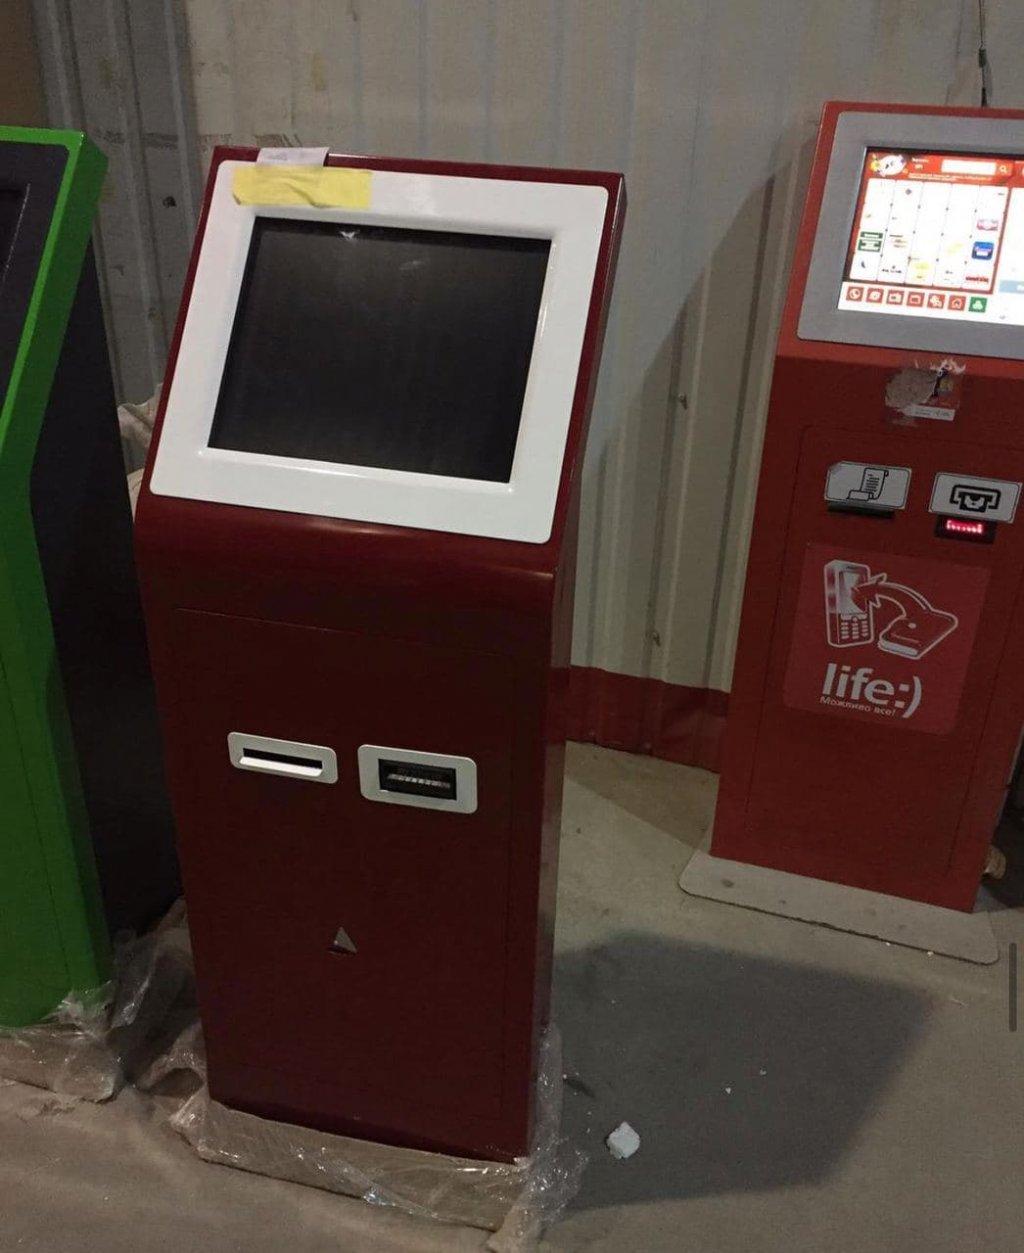 Moneybox - Как это было у меня – мой отзыв moneybox.net.ua